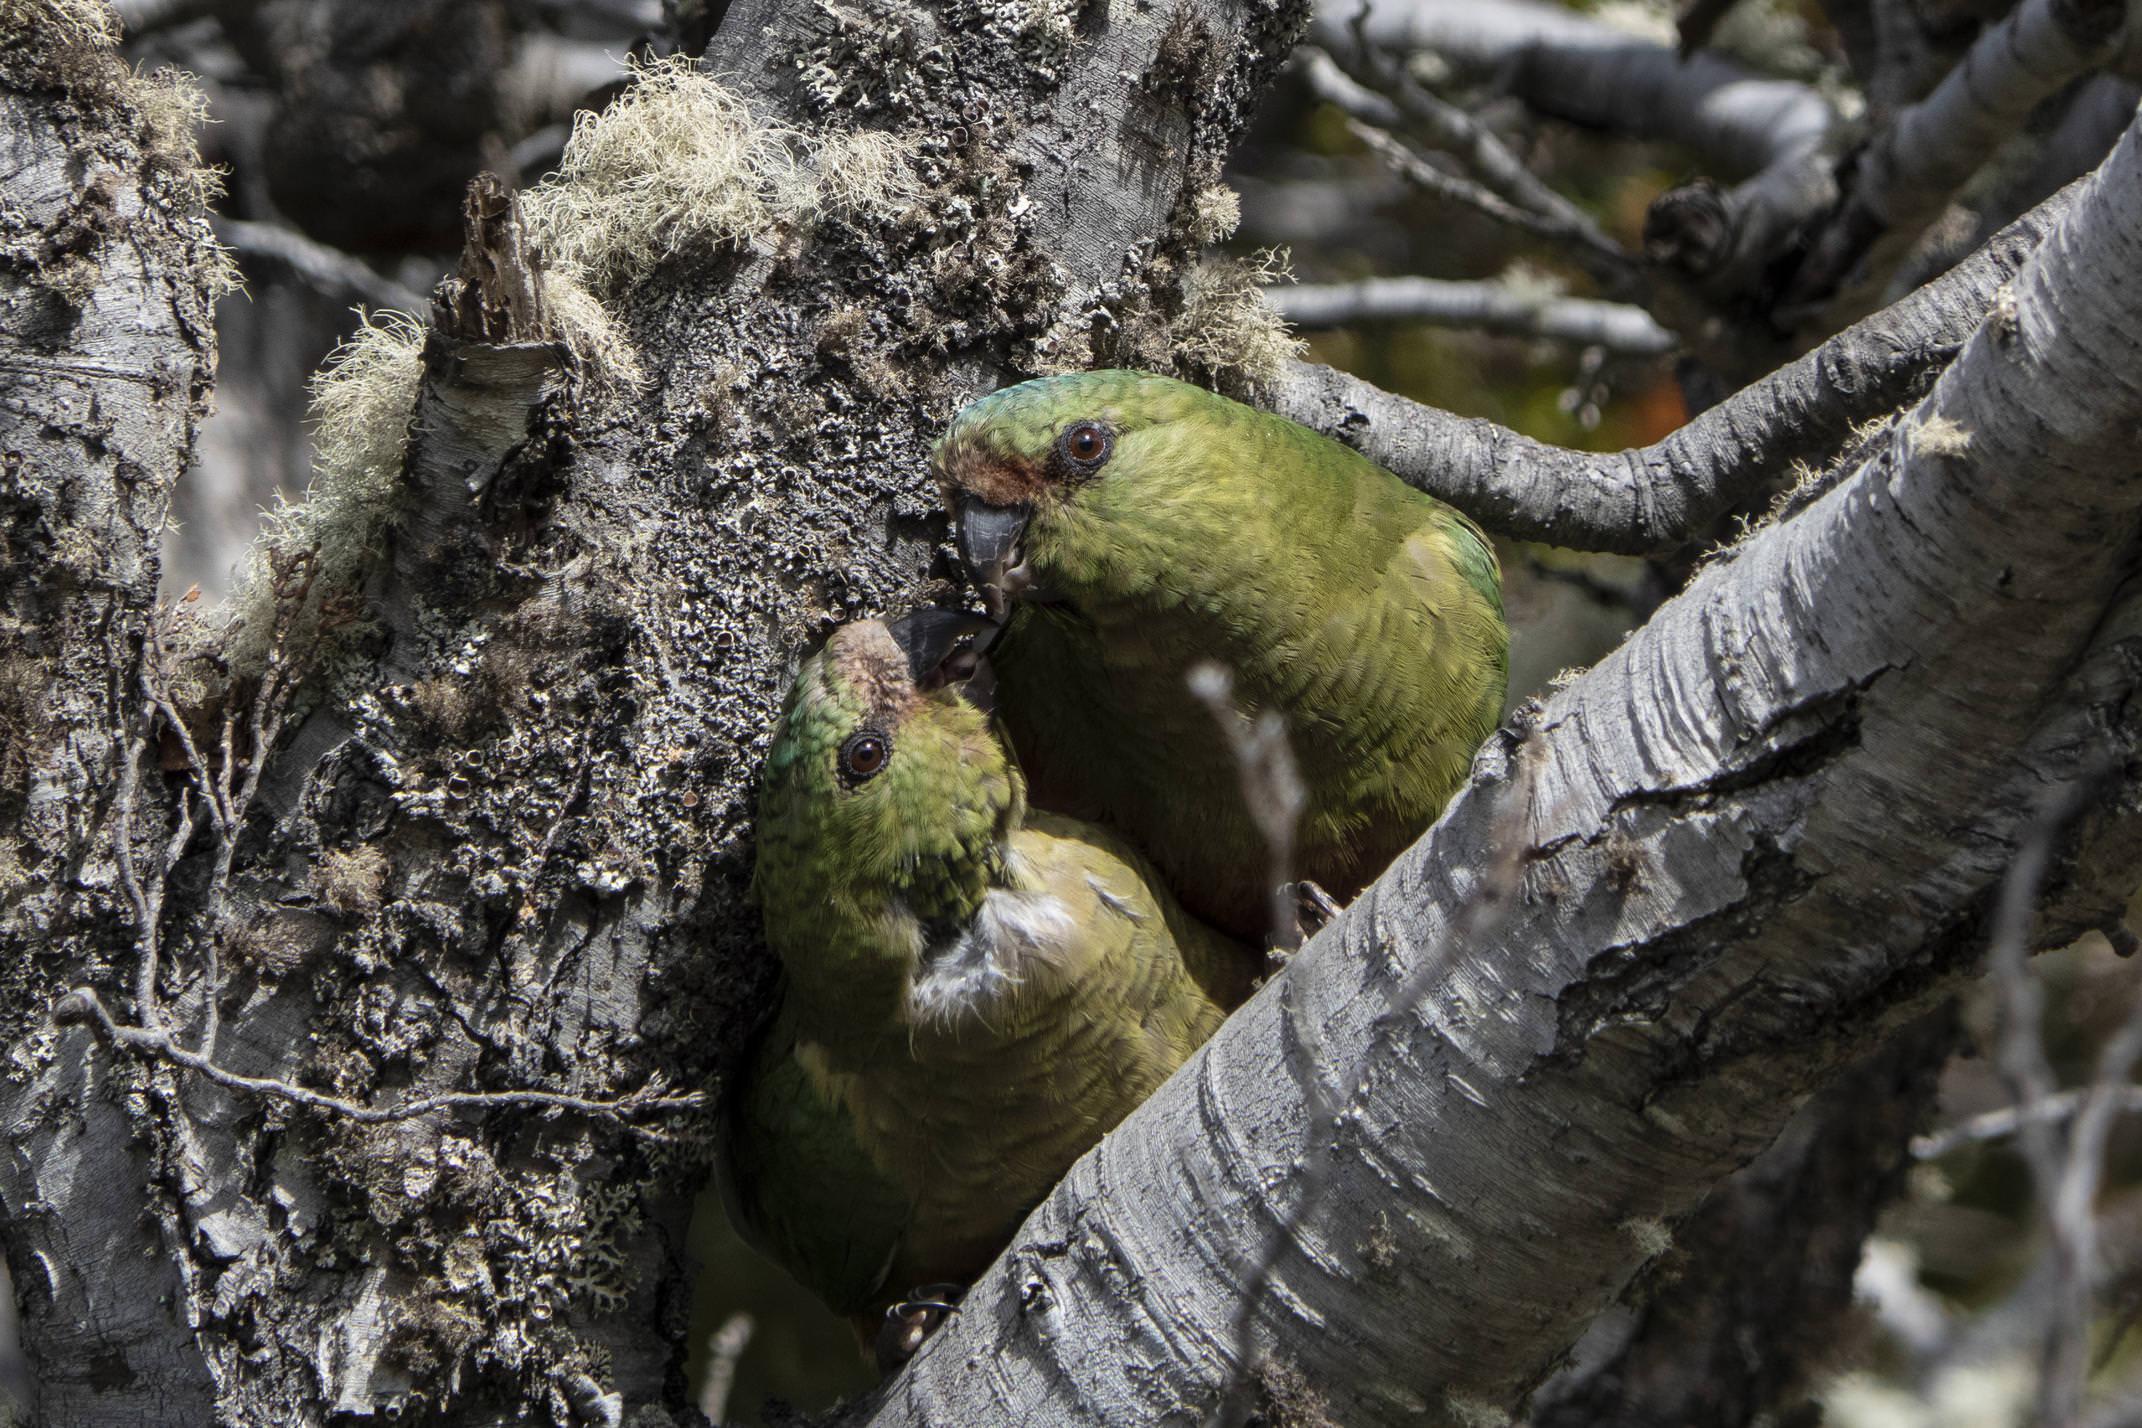 Argentina tierra del fuego ushuaia patagonia southern parrot cotorrita 4 c diego